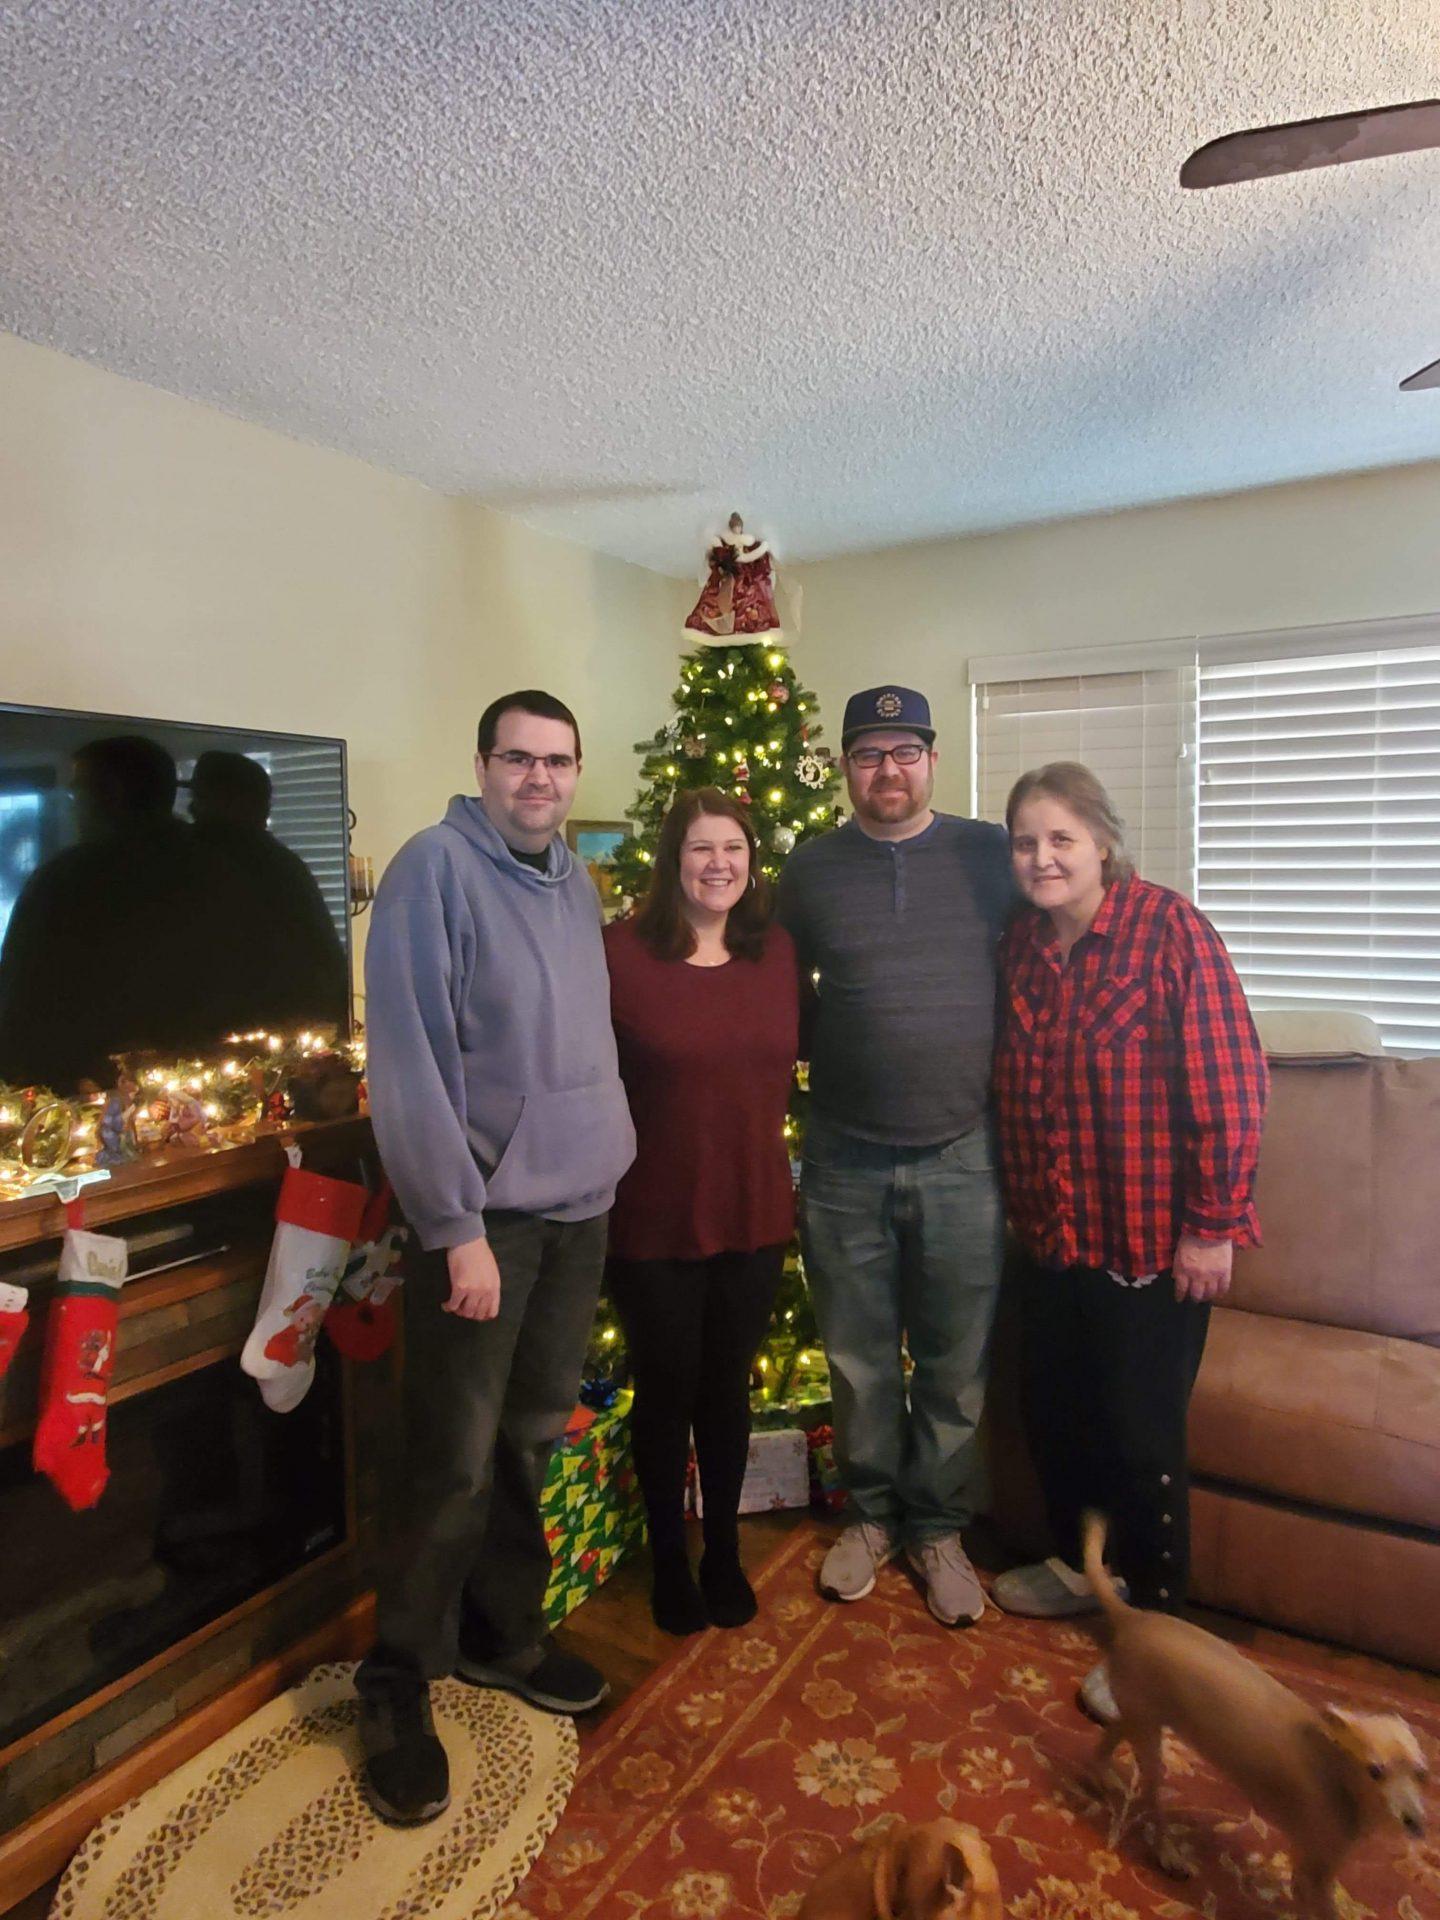 Rosie & family